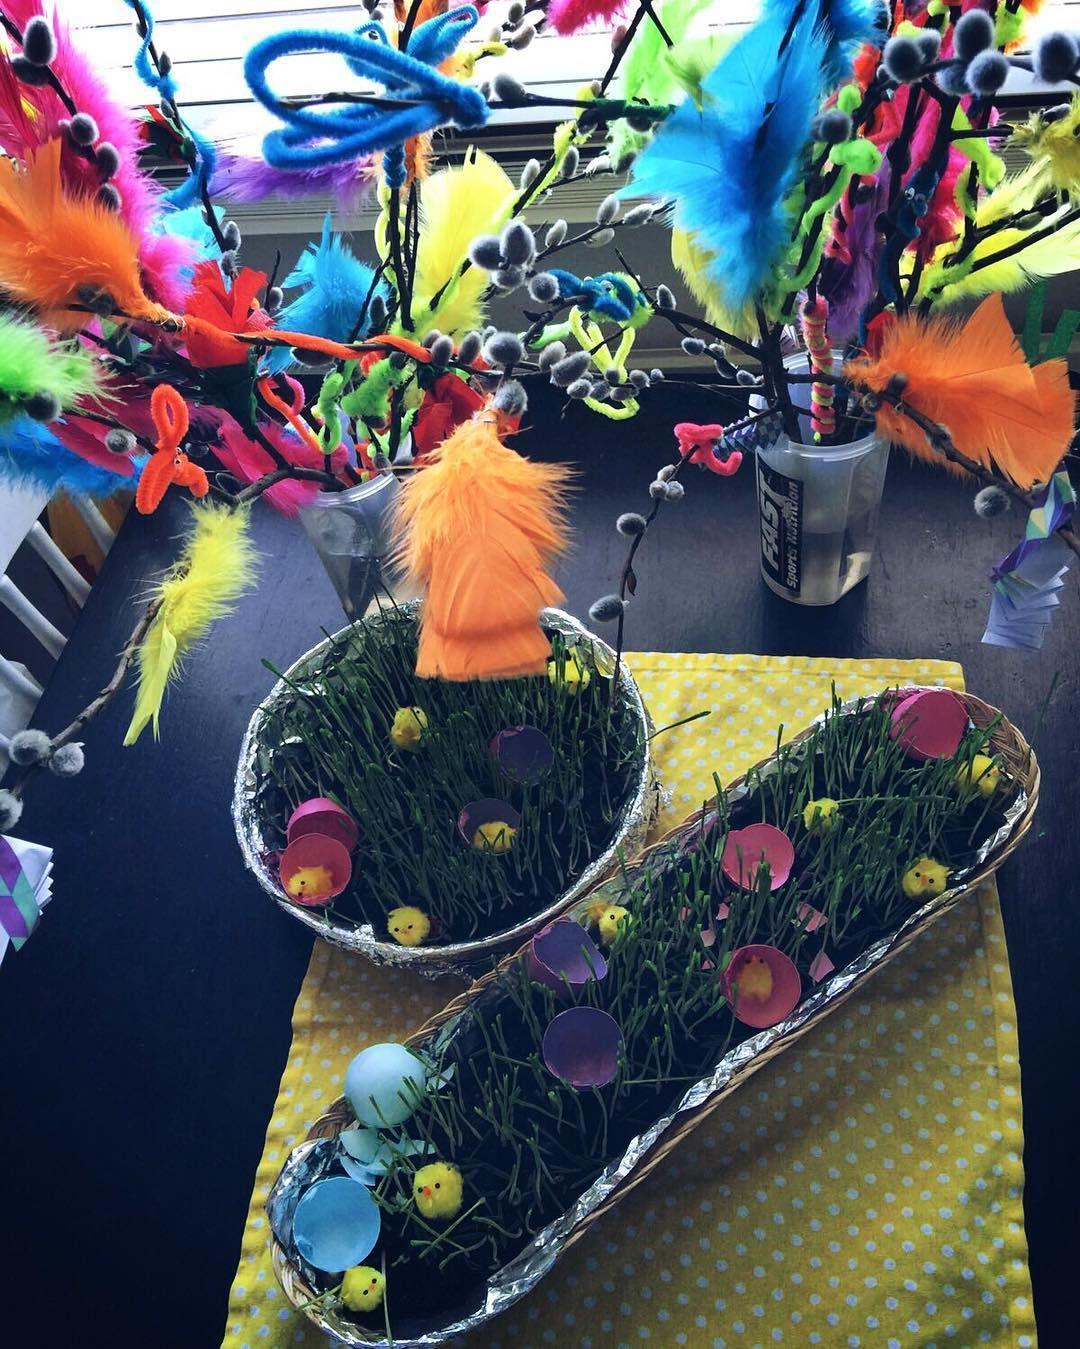 Pääsiäinen! #askartelupaskartelu #virvonvarvon #pääsiäinen #virpomisoksat #ohraruoho #tipuja #instalife #instadaily #diy by jonnnuu